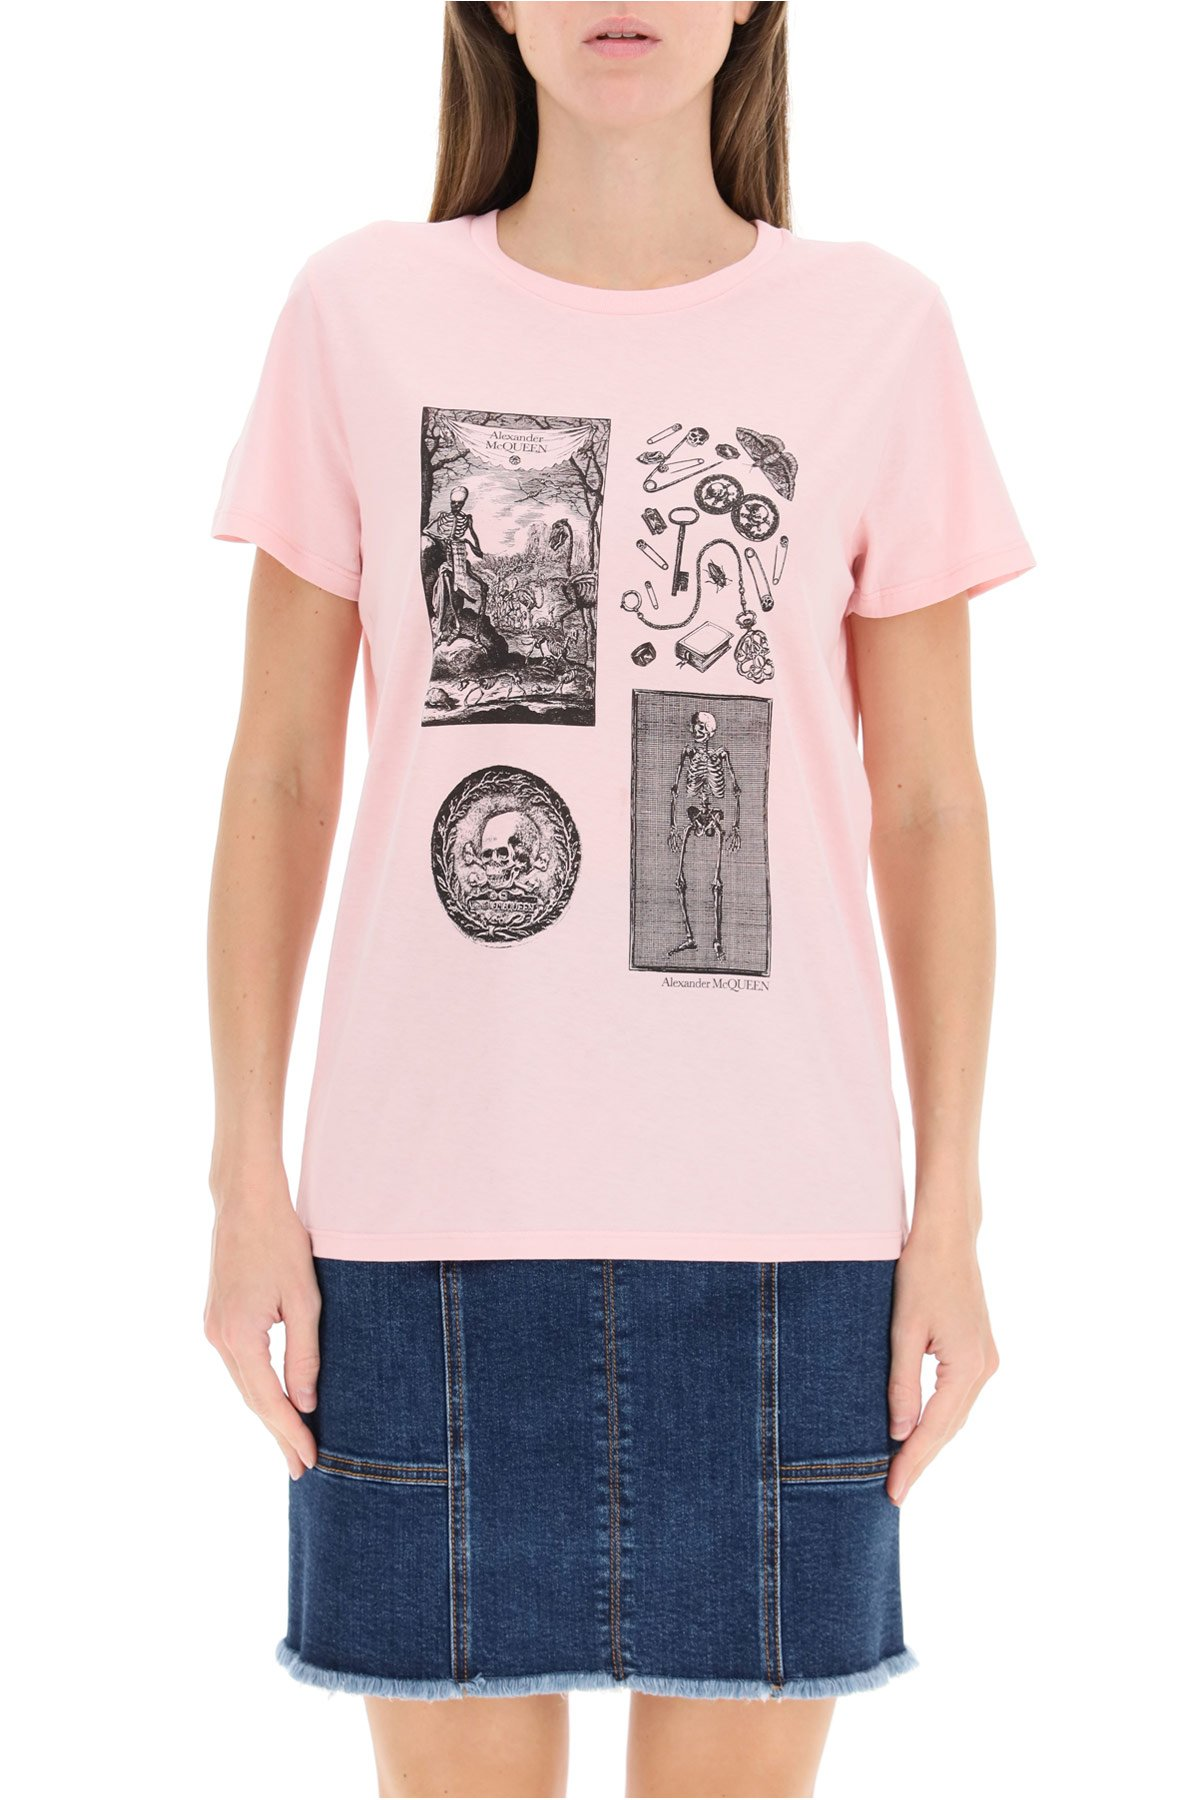 Alexander mcqueen t-shirt con stampa skeleton